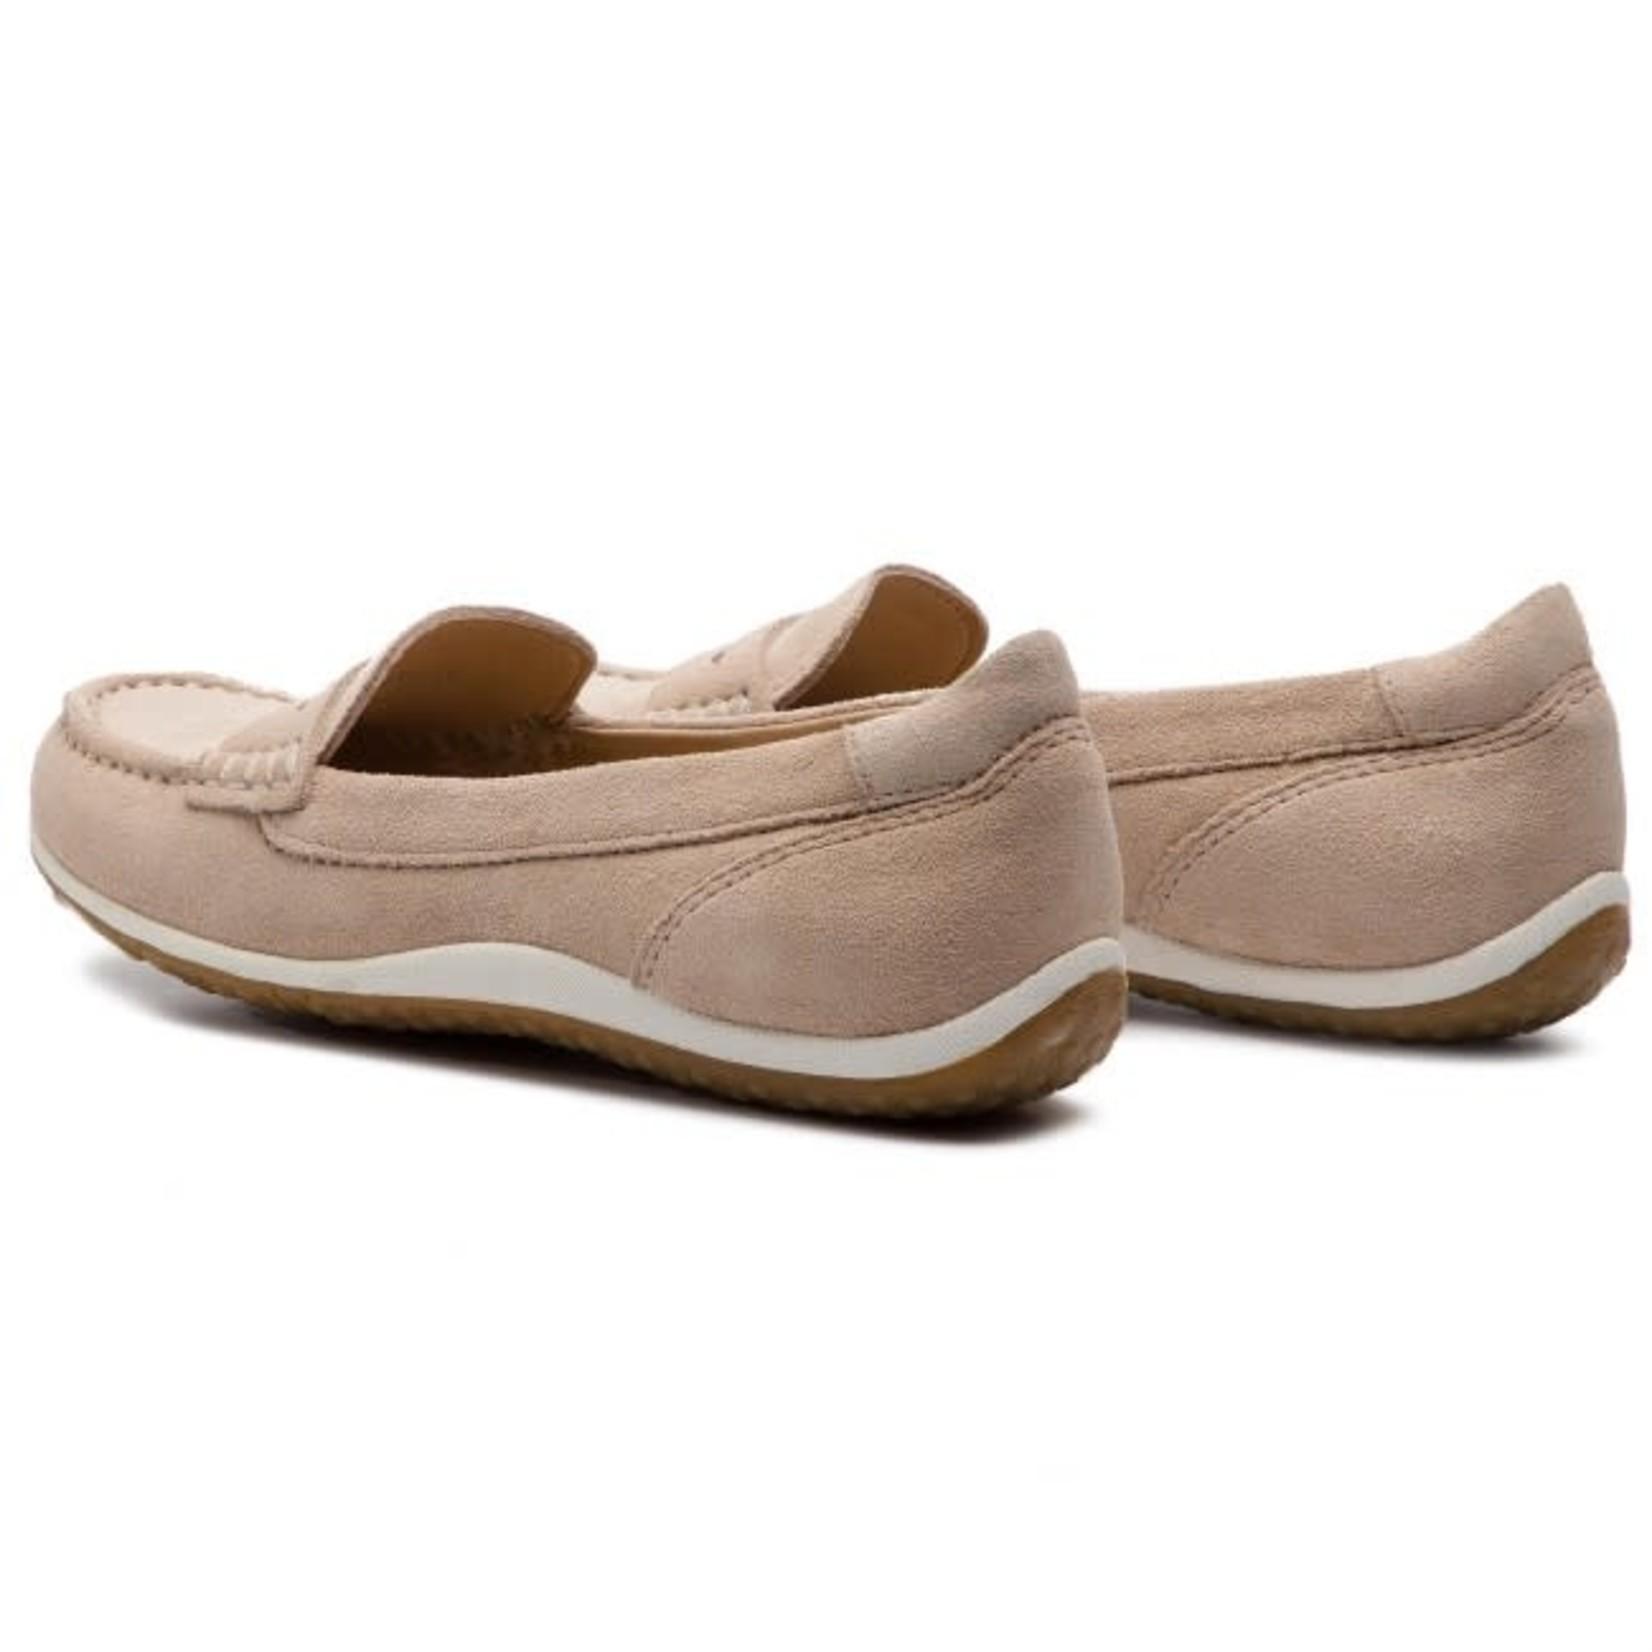 GEOX Geox - Women's Loafers - D Vega